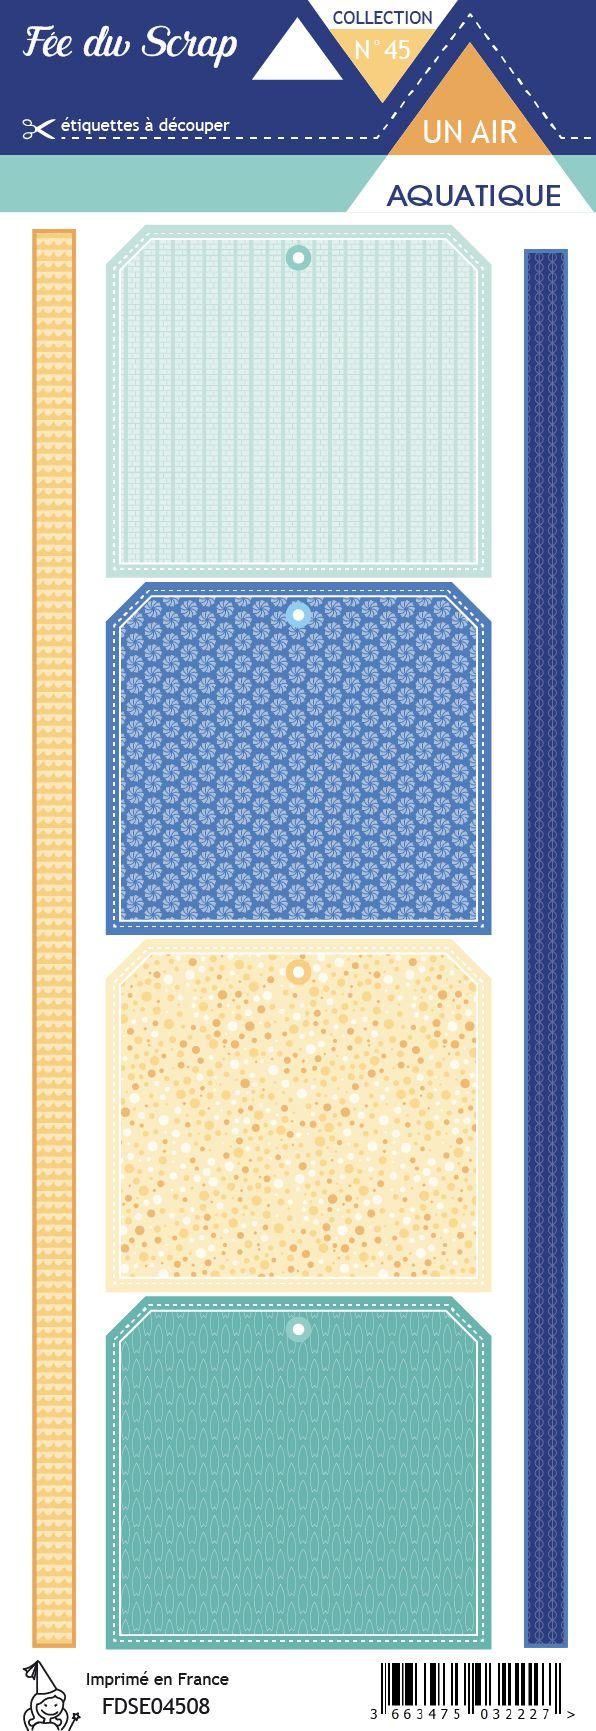 Etiquette un air aquatique - Tags